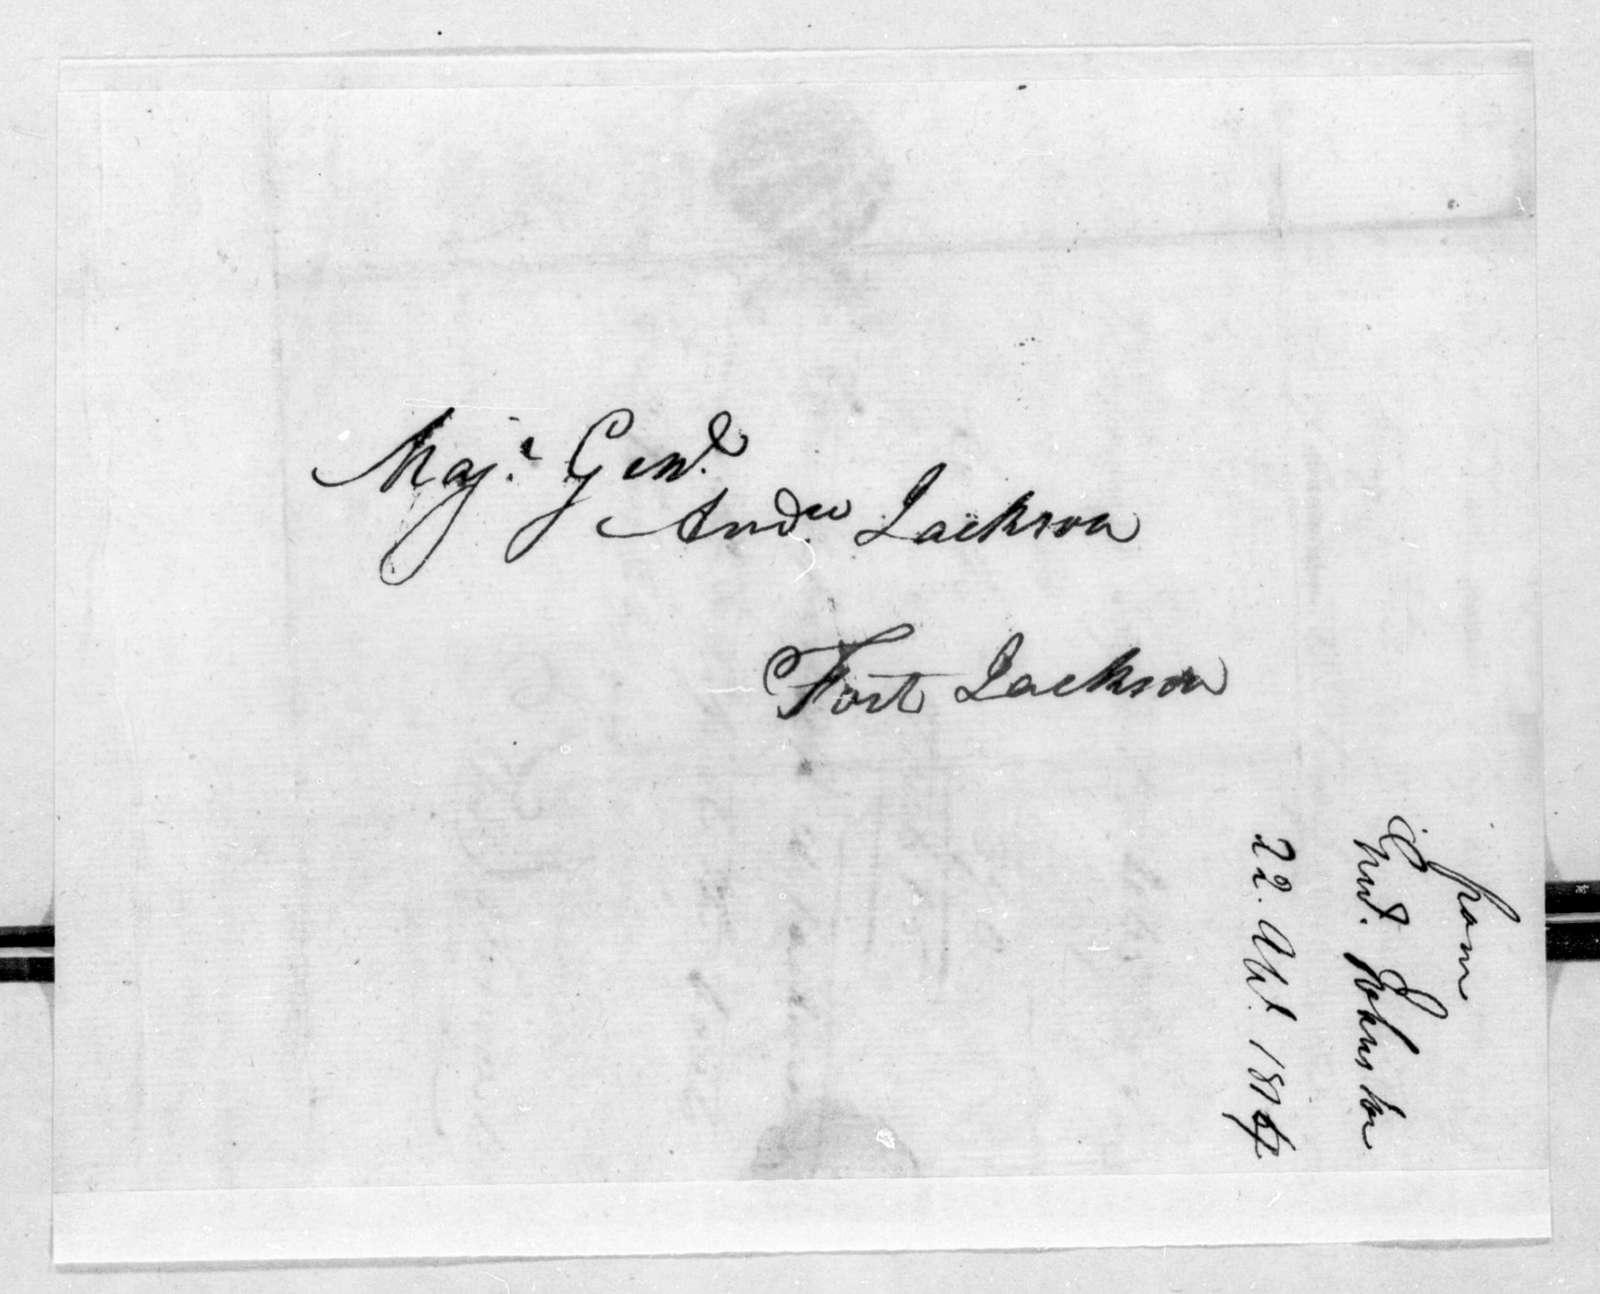 Thomas Johnson to Andrew Jackson, April 22, 1814